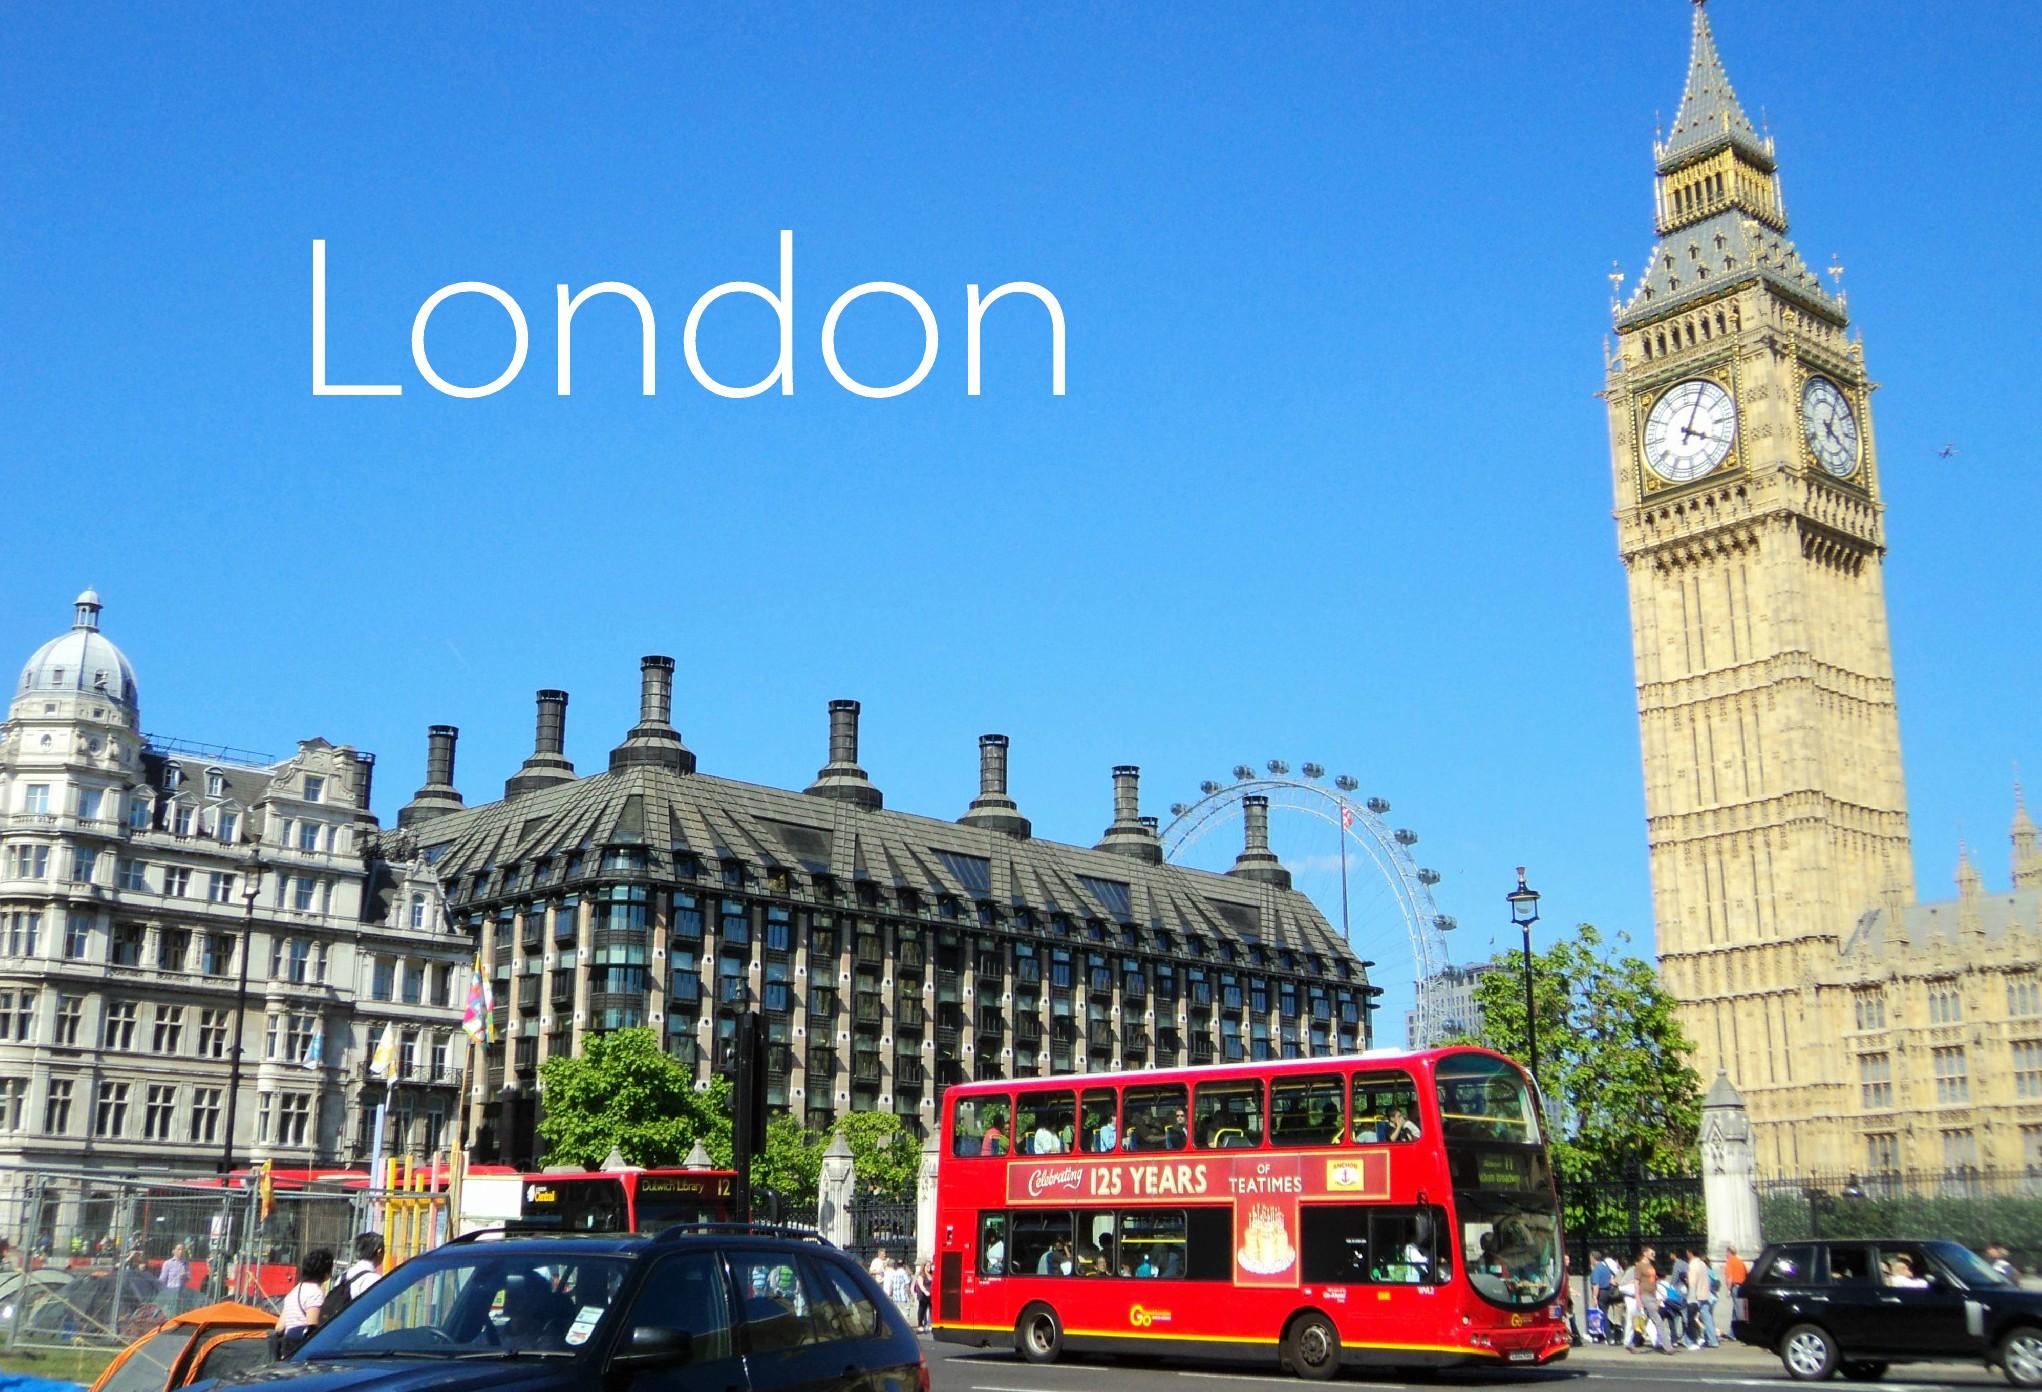 London-e1406911941468.jpg